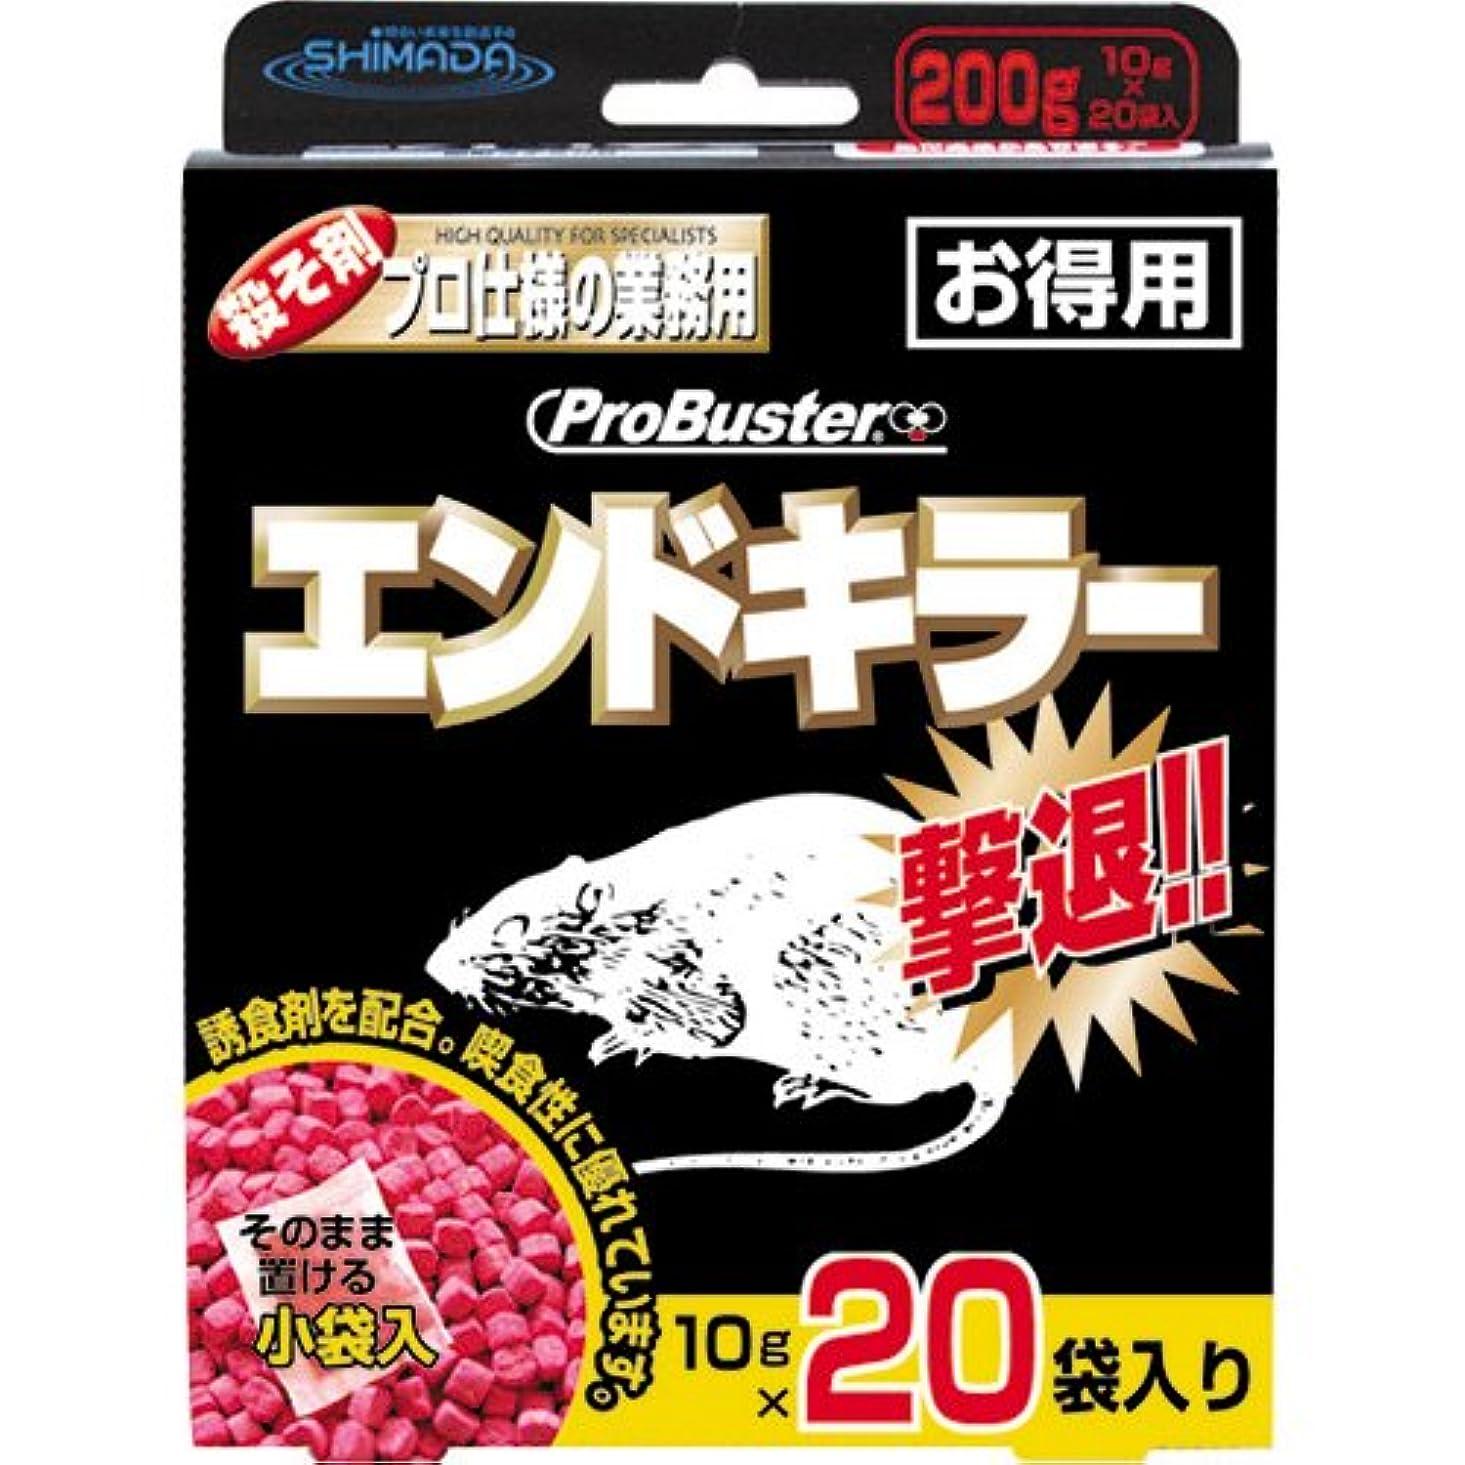 食事窒息させるバーProbusterエンドキラー 10g×20包